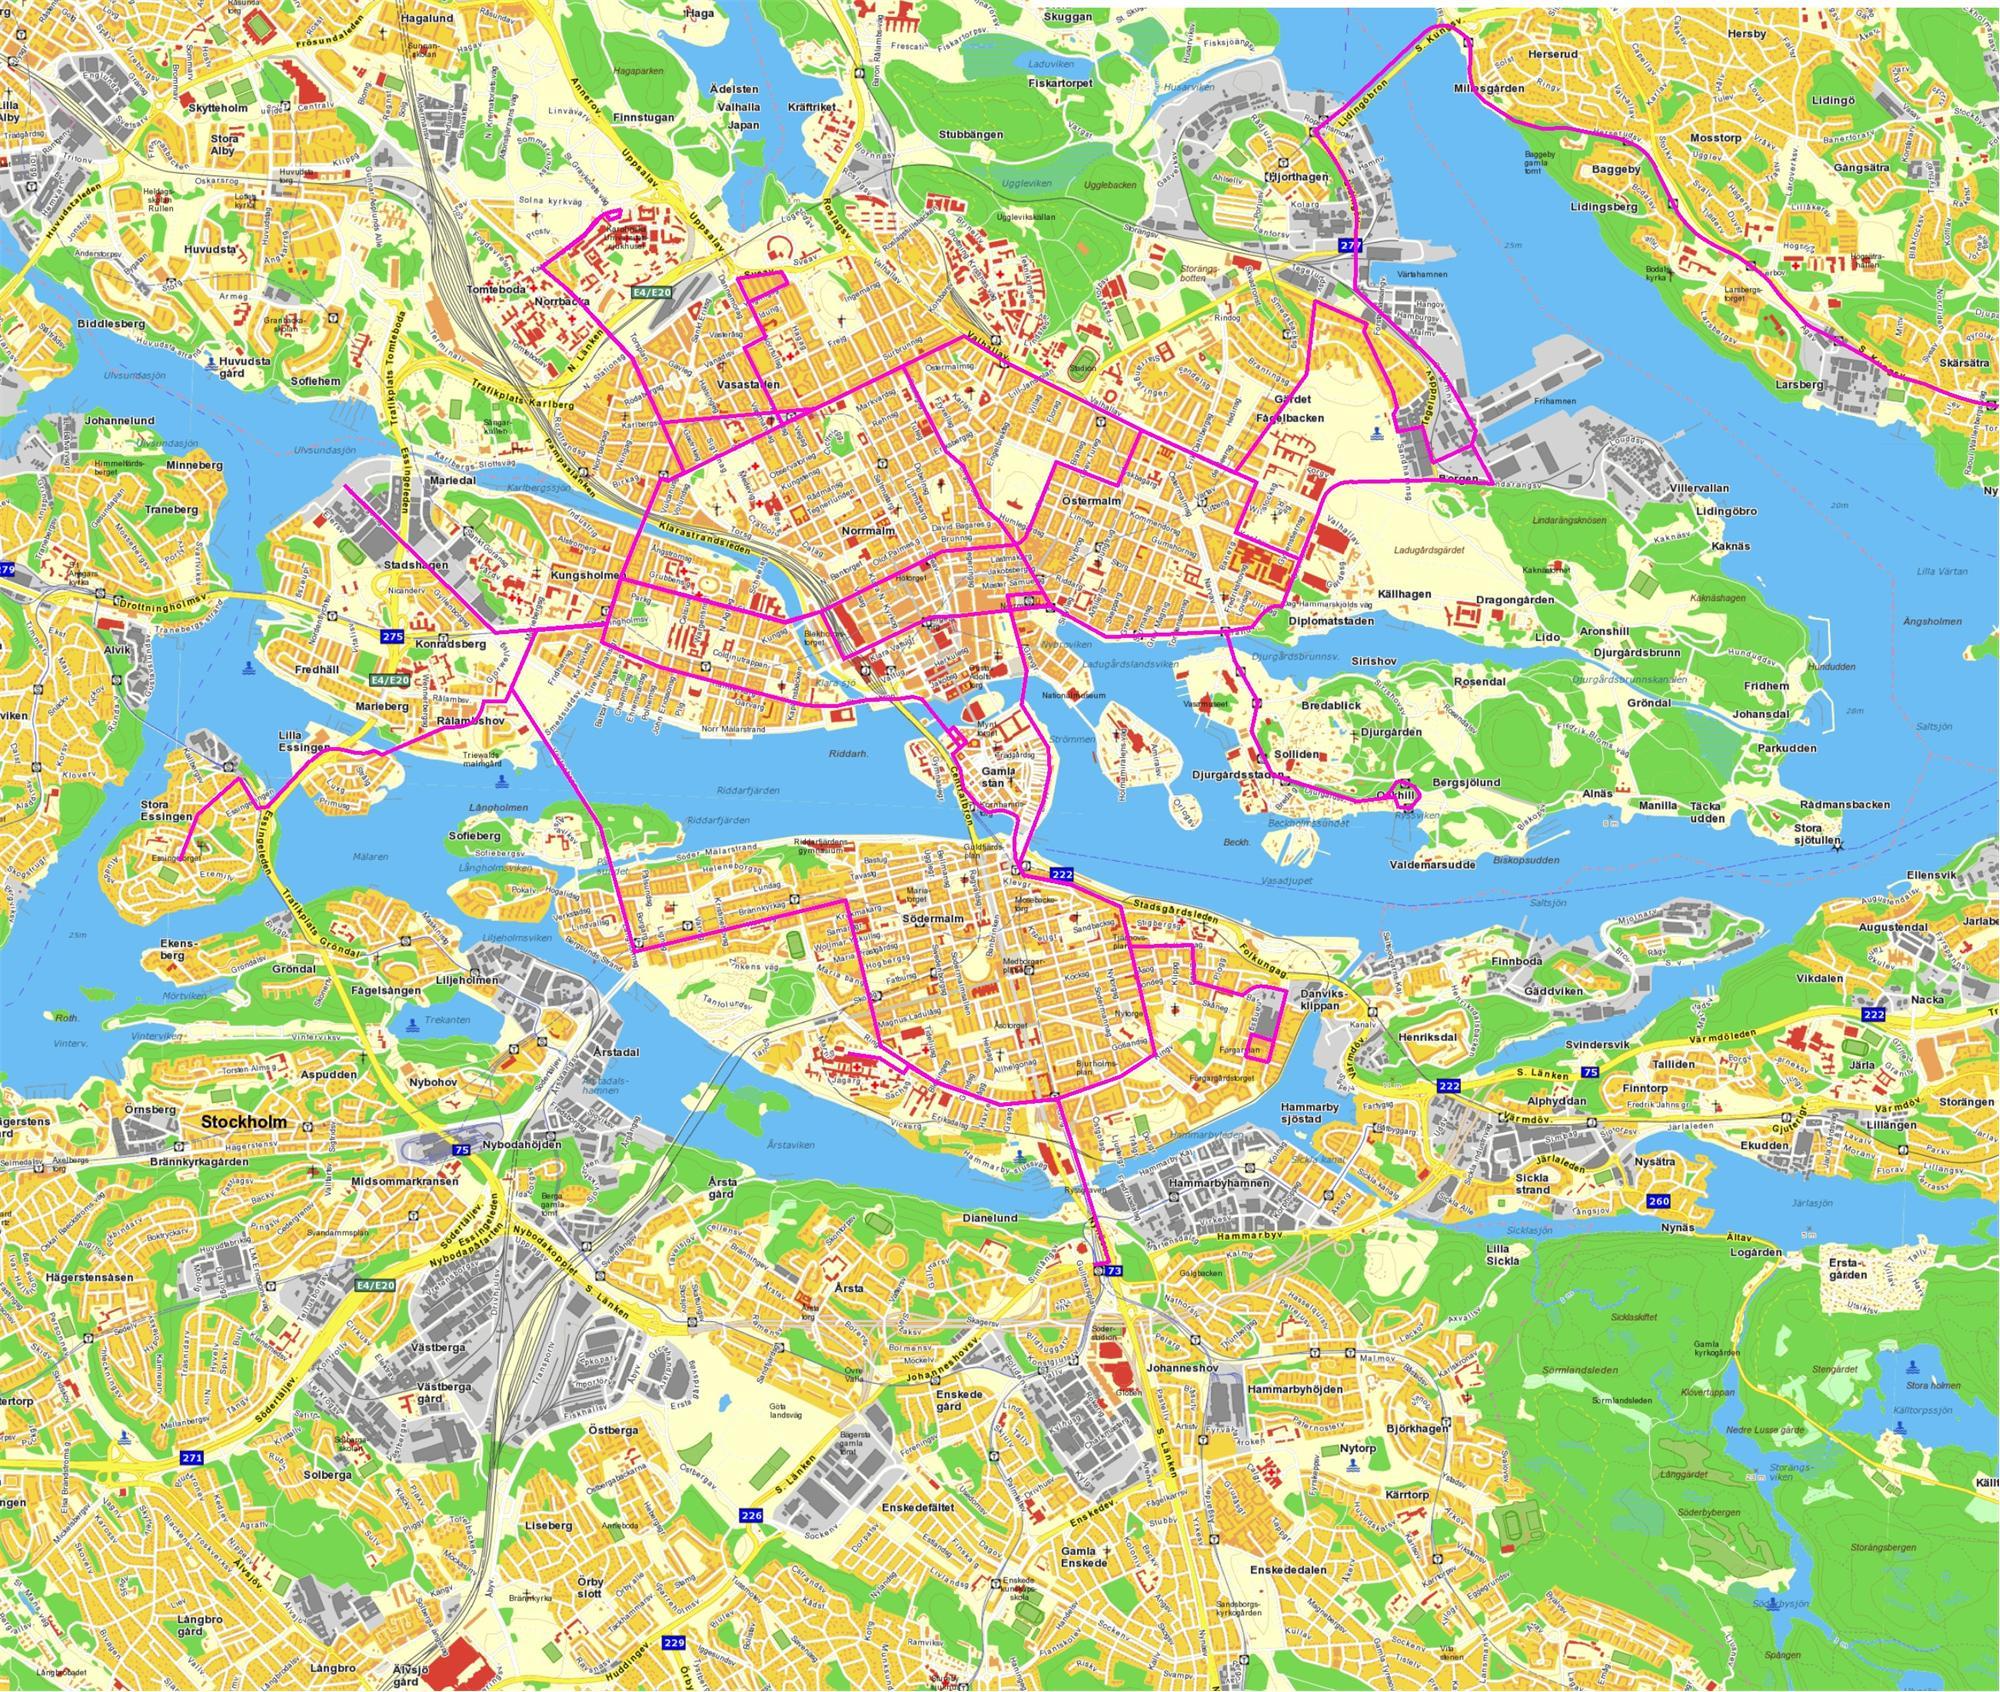 förorter stockholm karta Mina kartor över innerstans spårtrafik   YIMBY Stockholm förorter stockholm karta